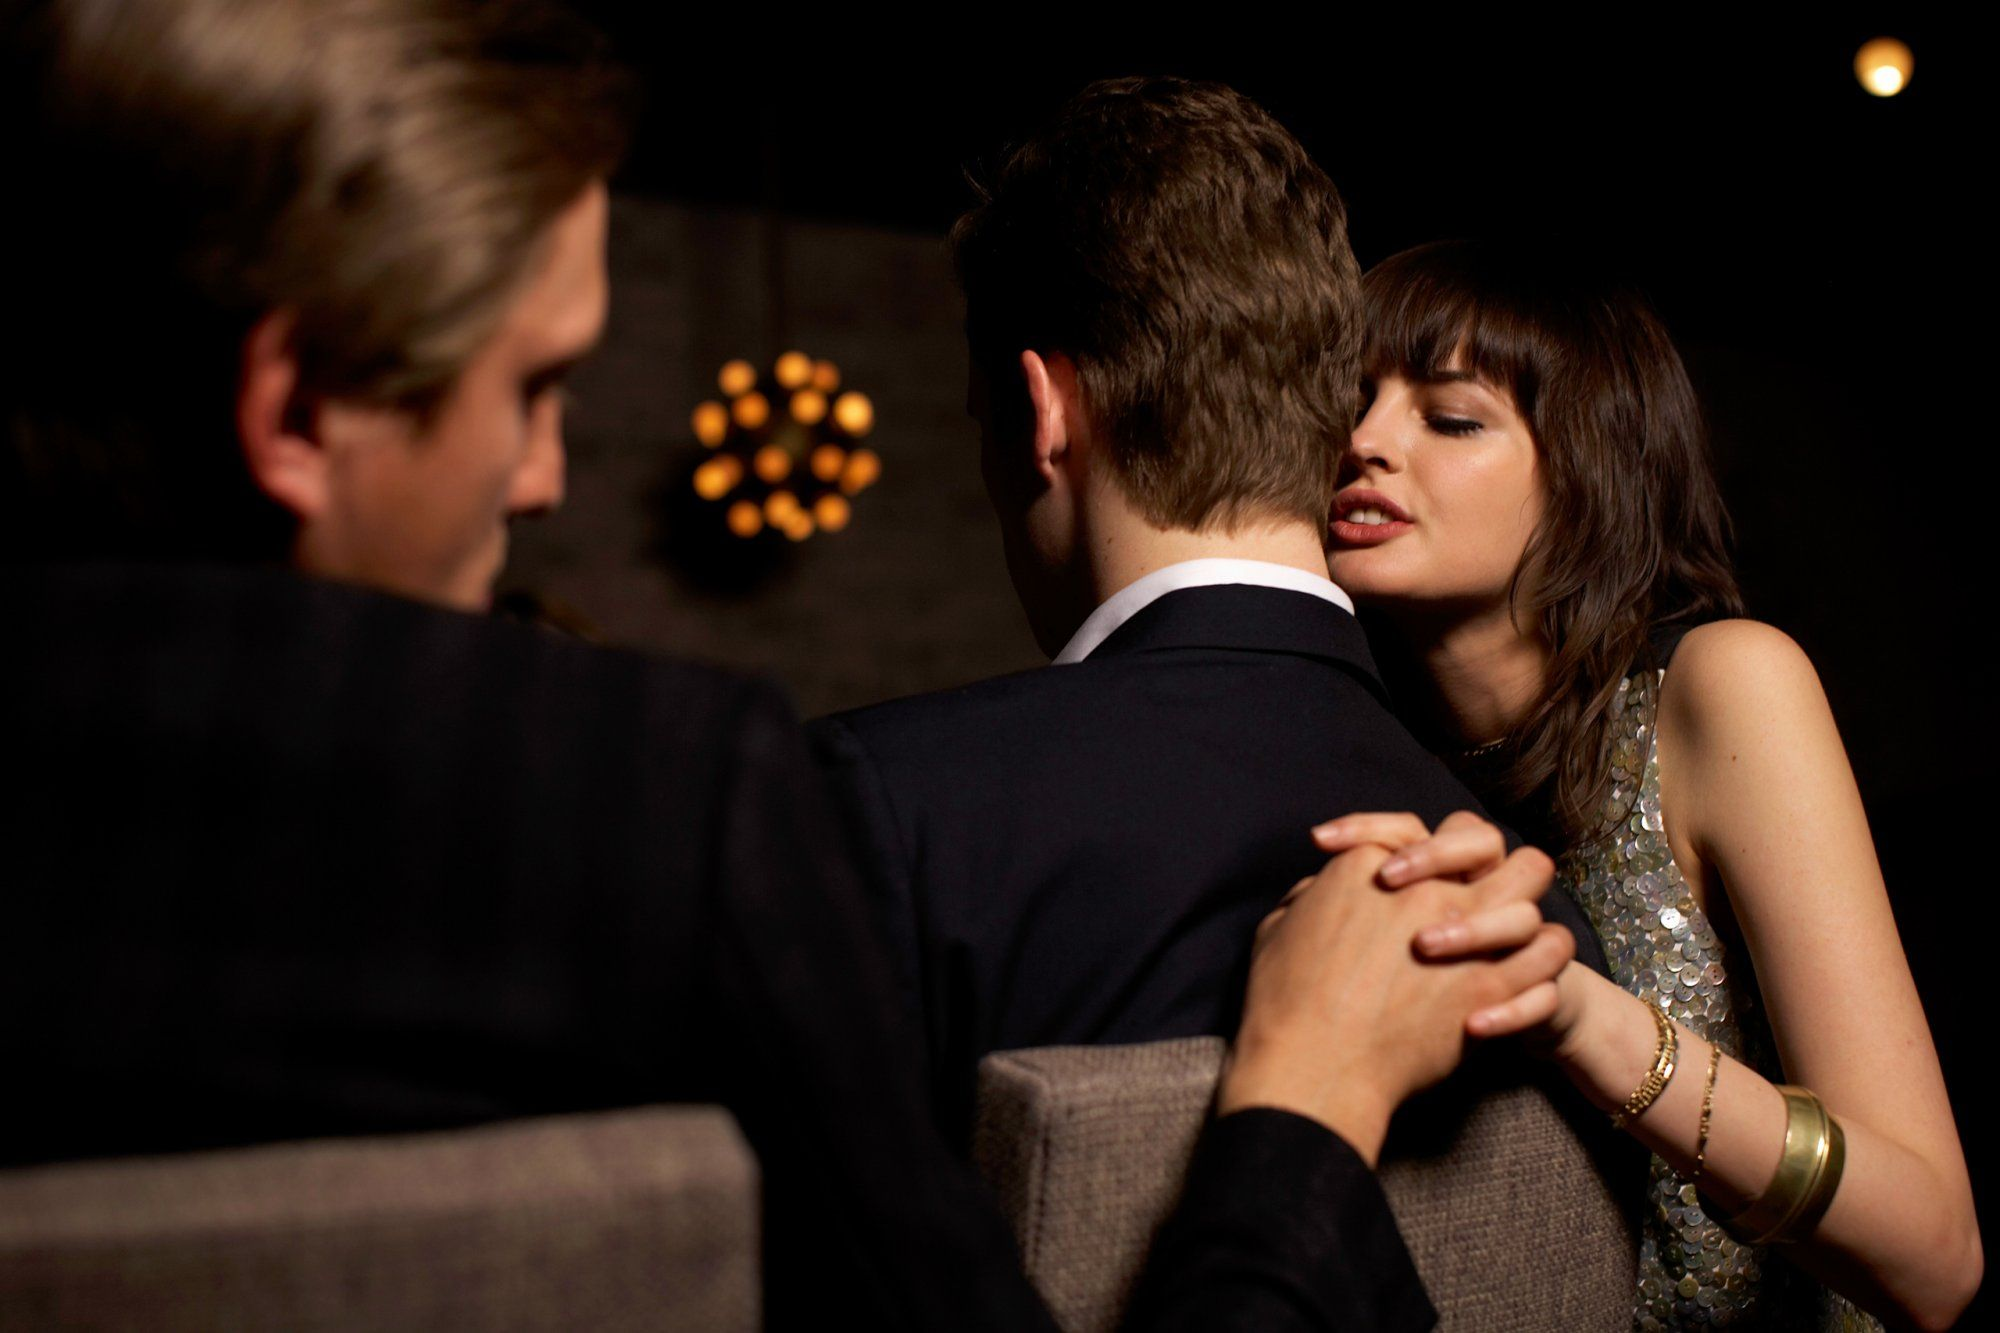 мужчина наденет истории о супружеской измене определить